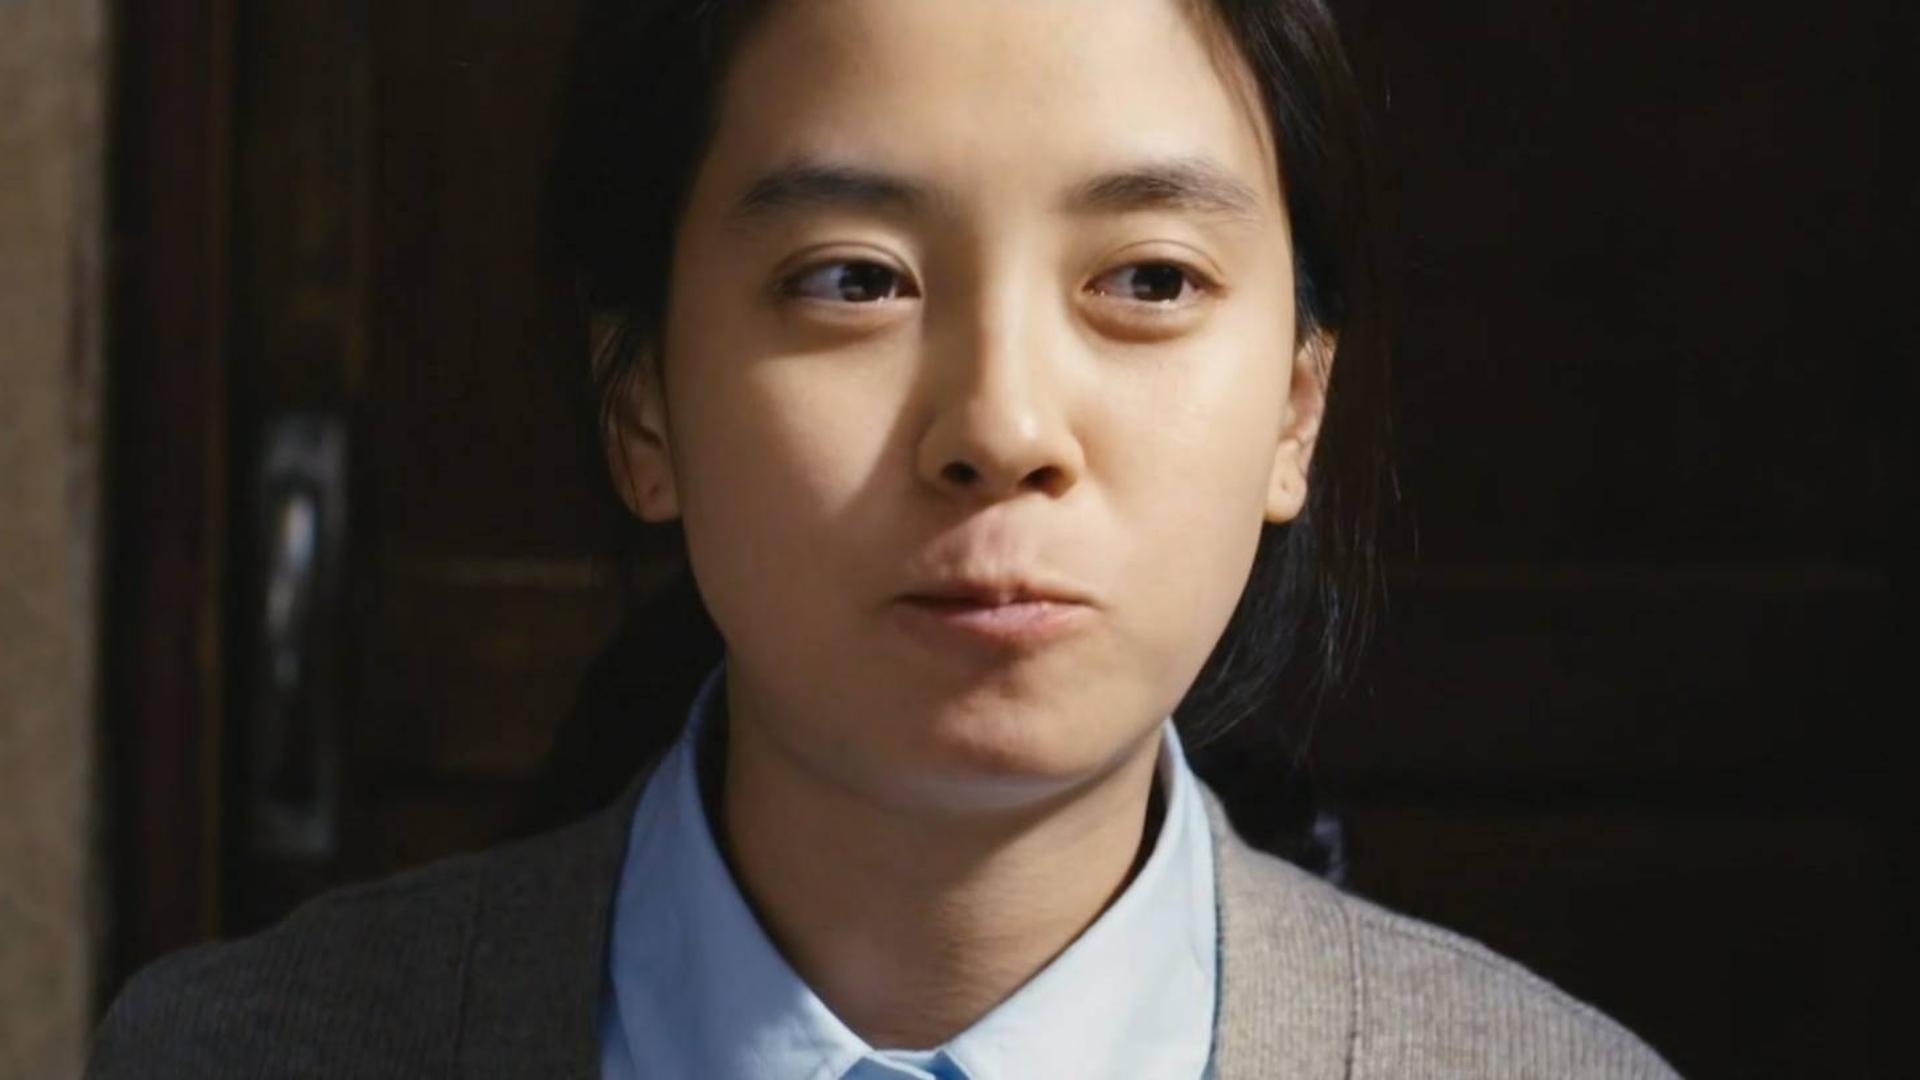 豆瓣9分,感动全韩国的爱情电影,原来最美的爱情是这个样子